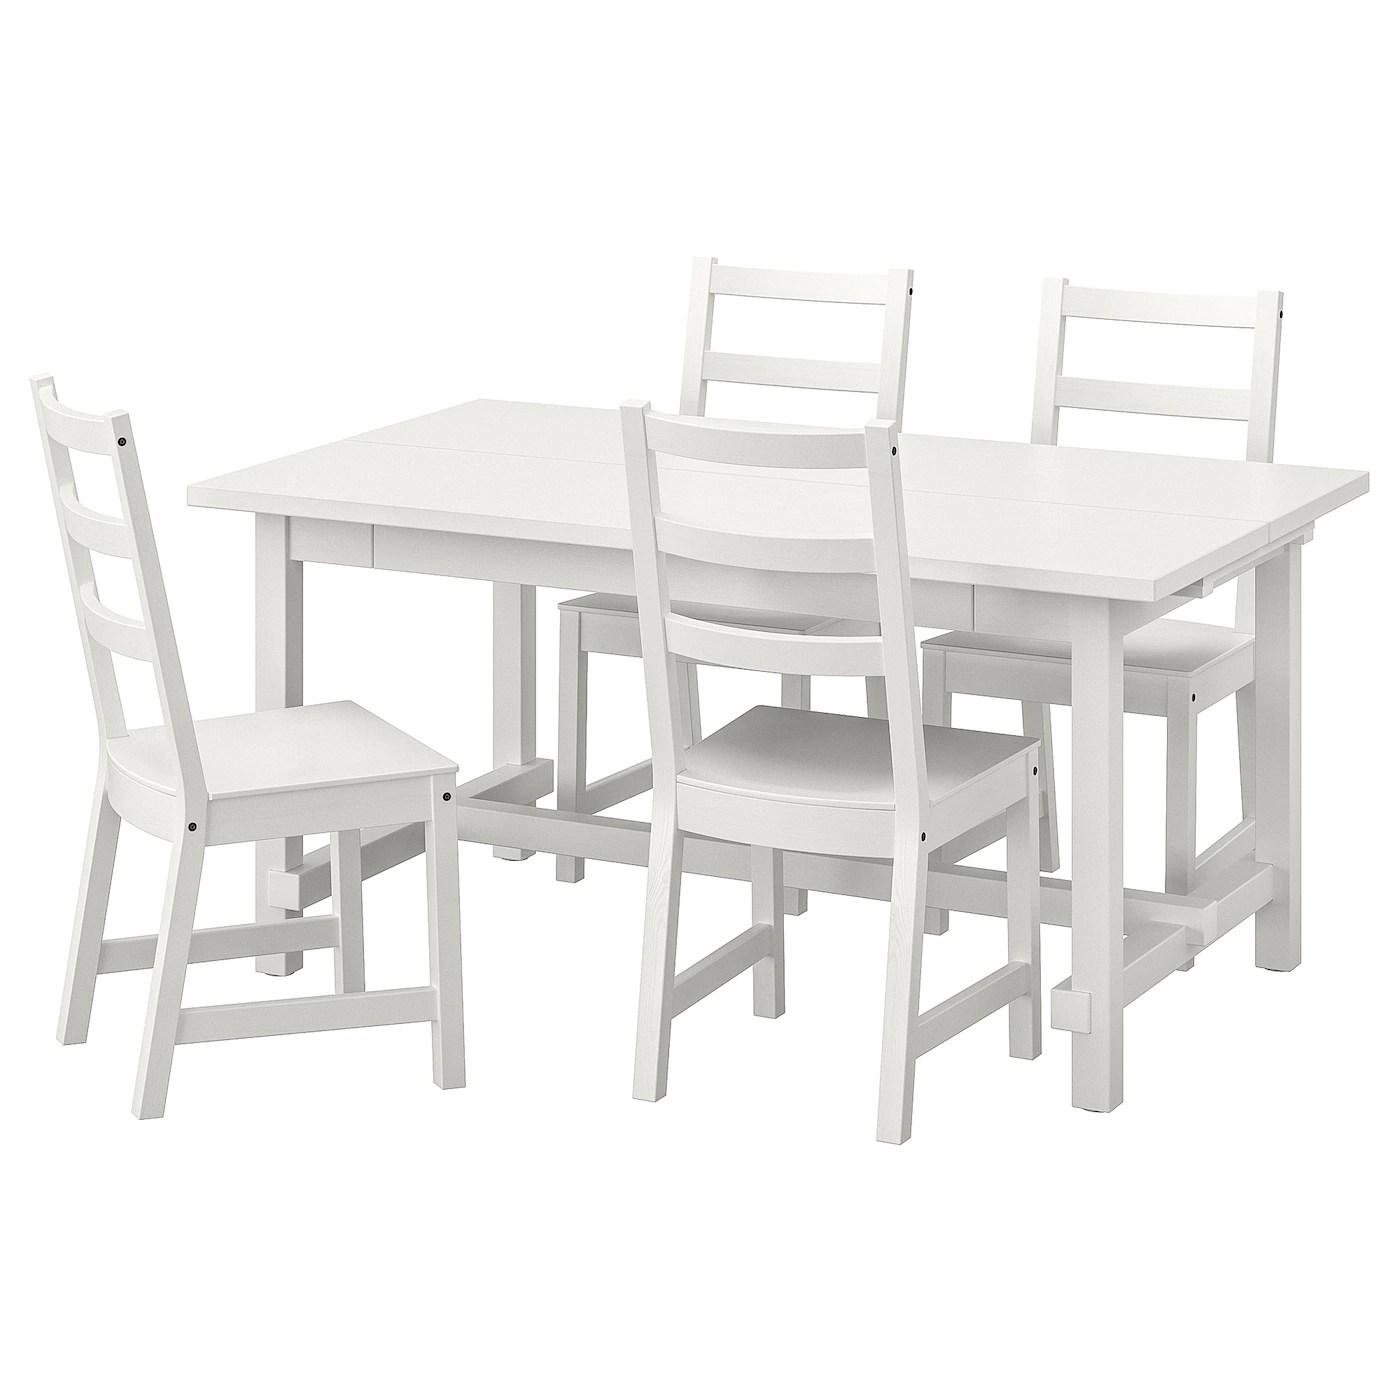 Ikea Esstisch Weiss Mit 4 Stuhlen